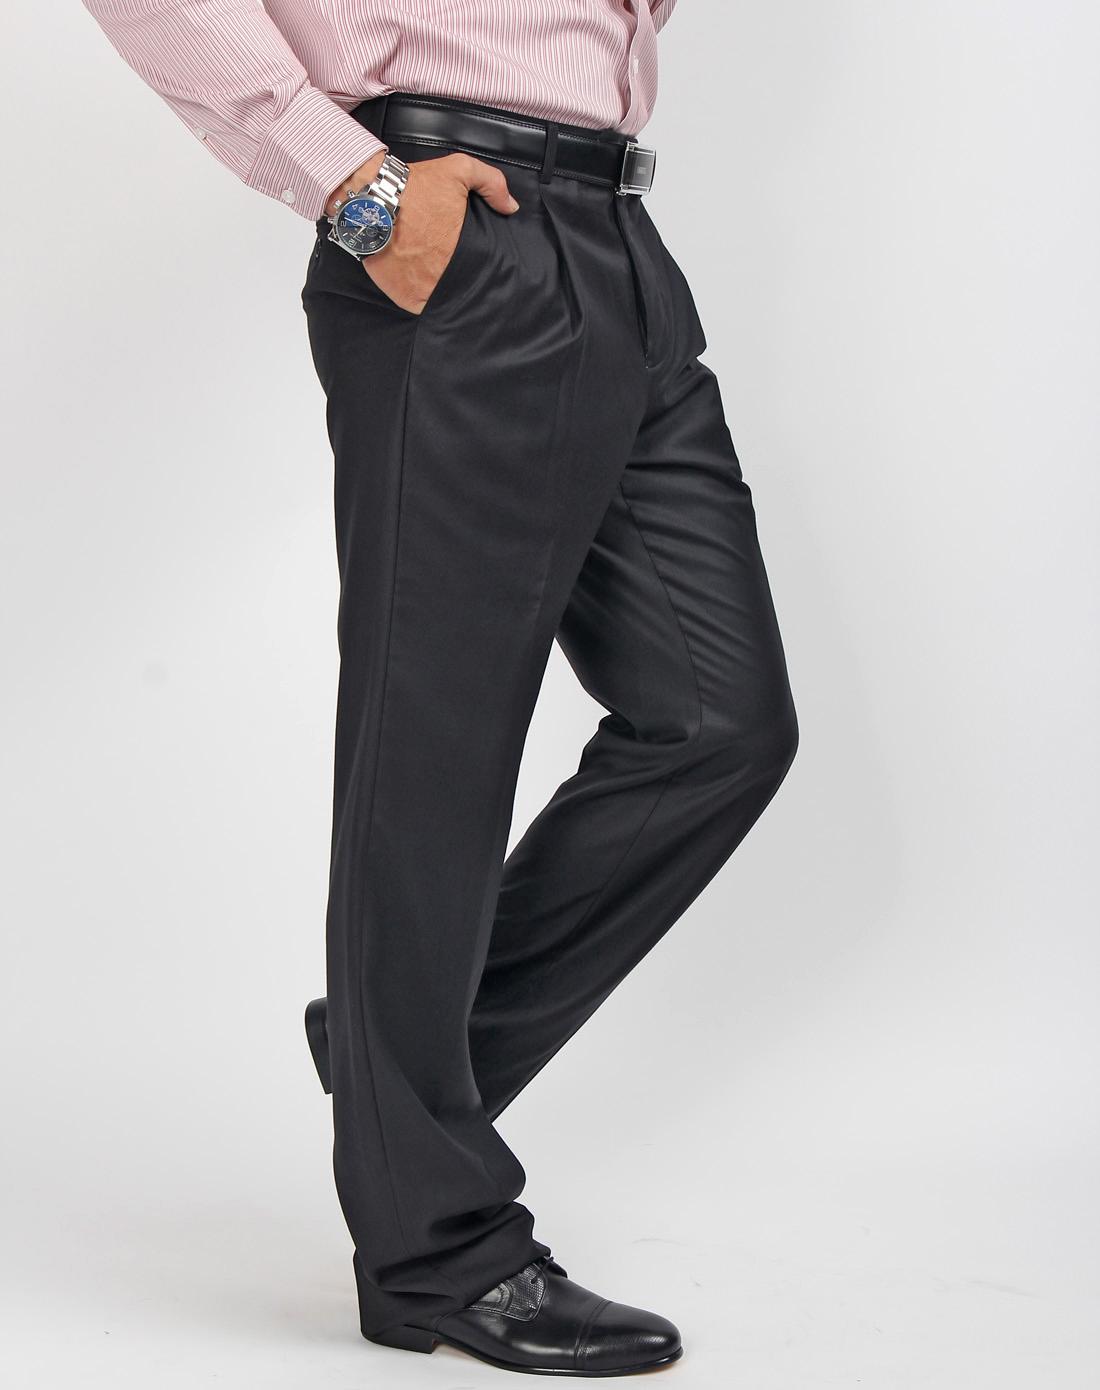 黑色套西装裤子